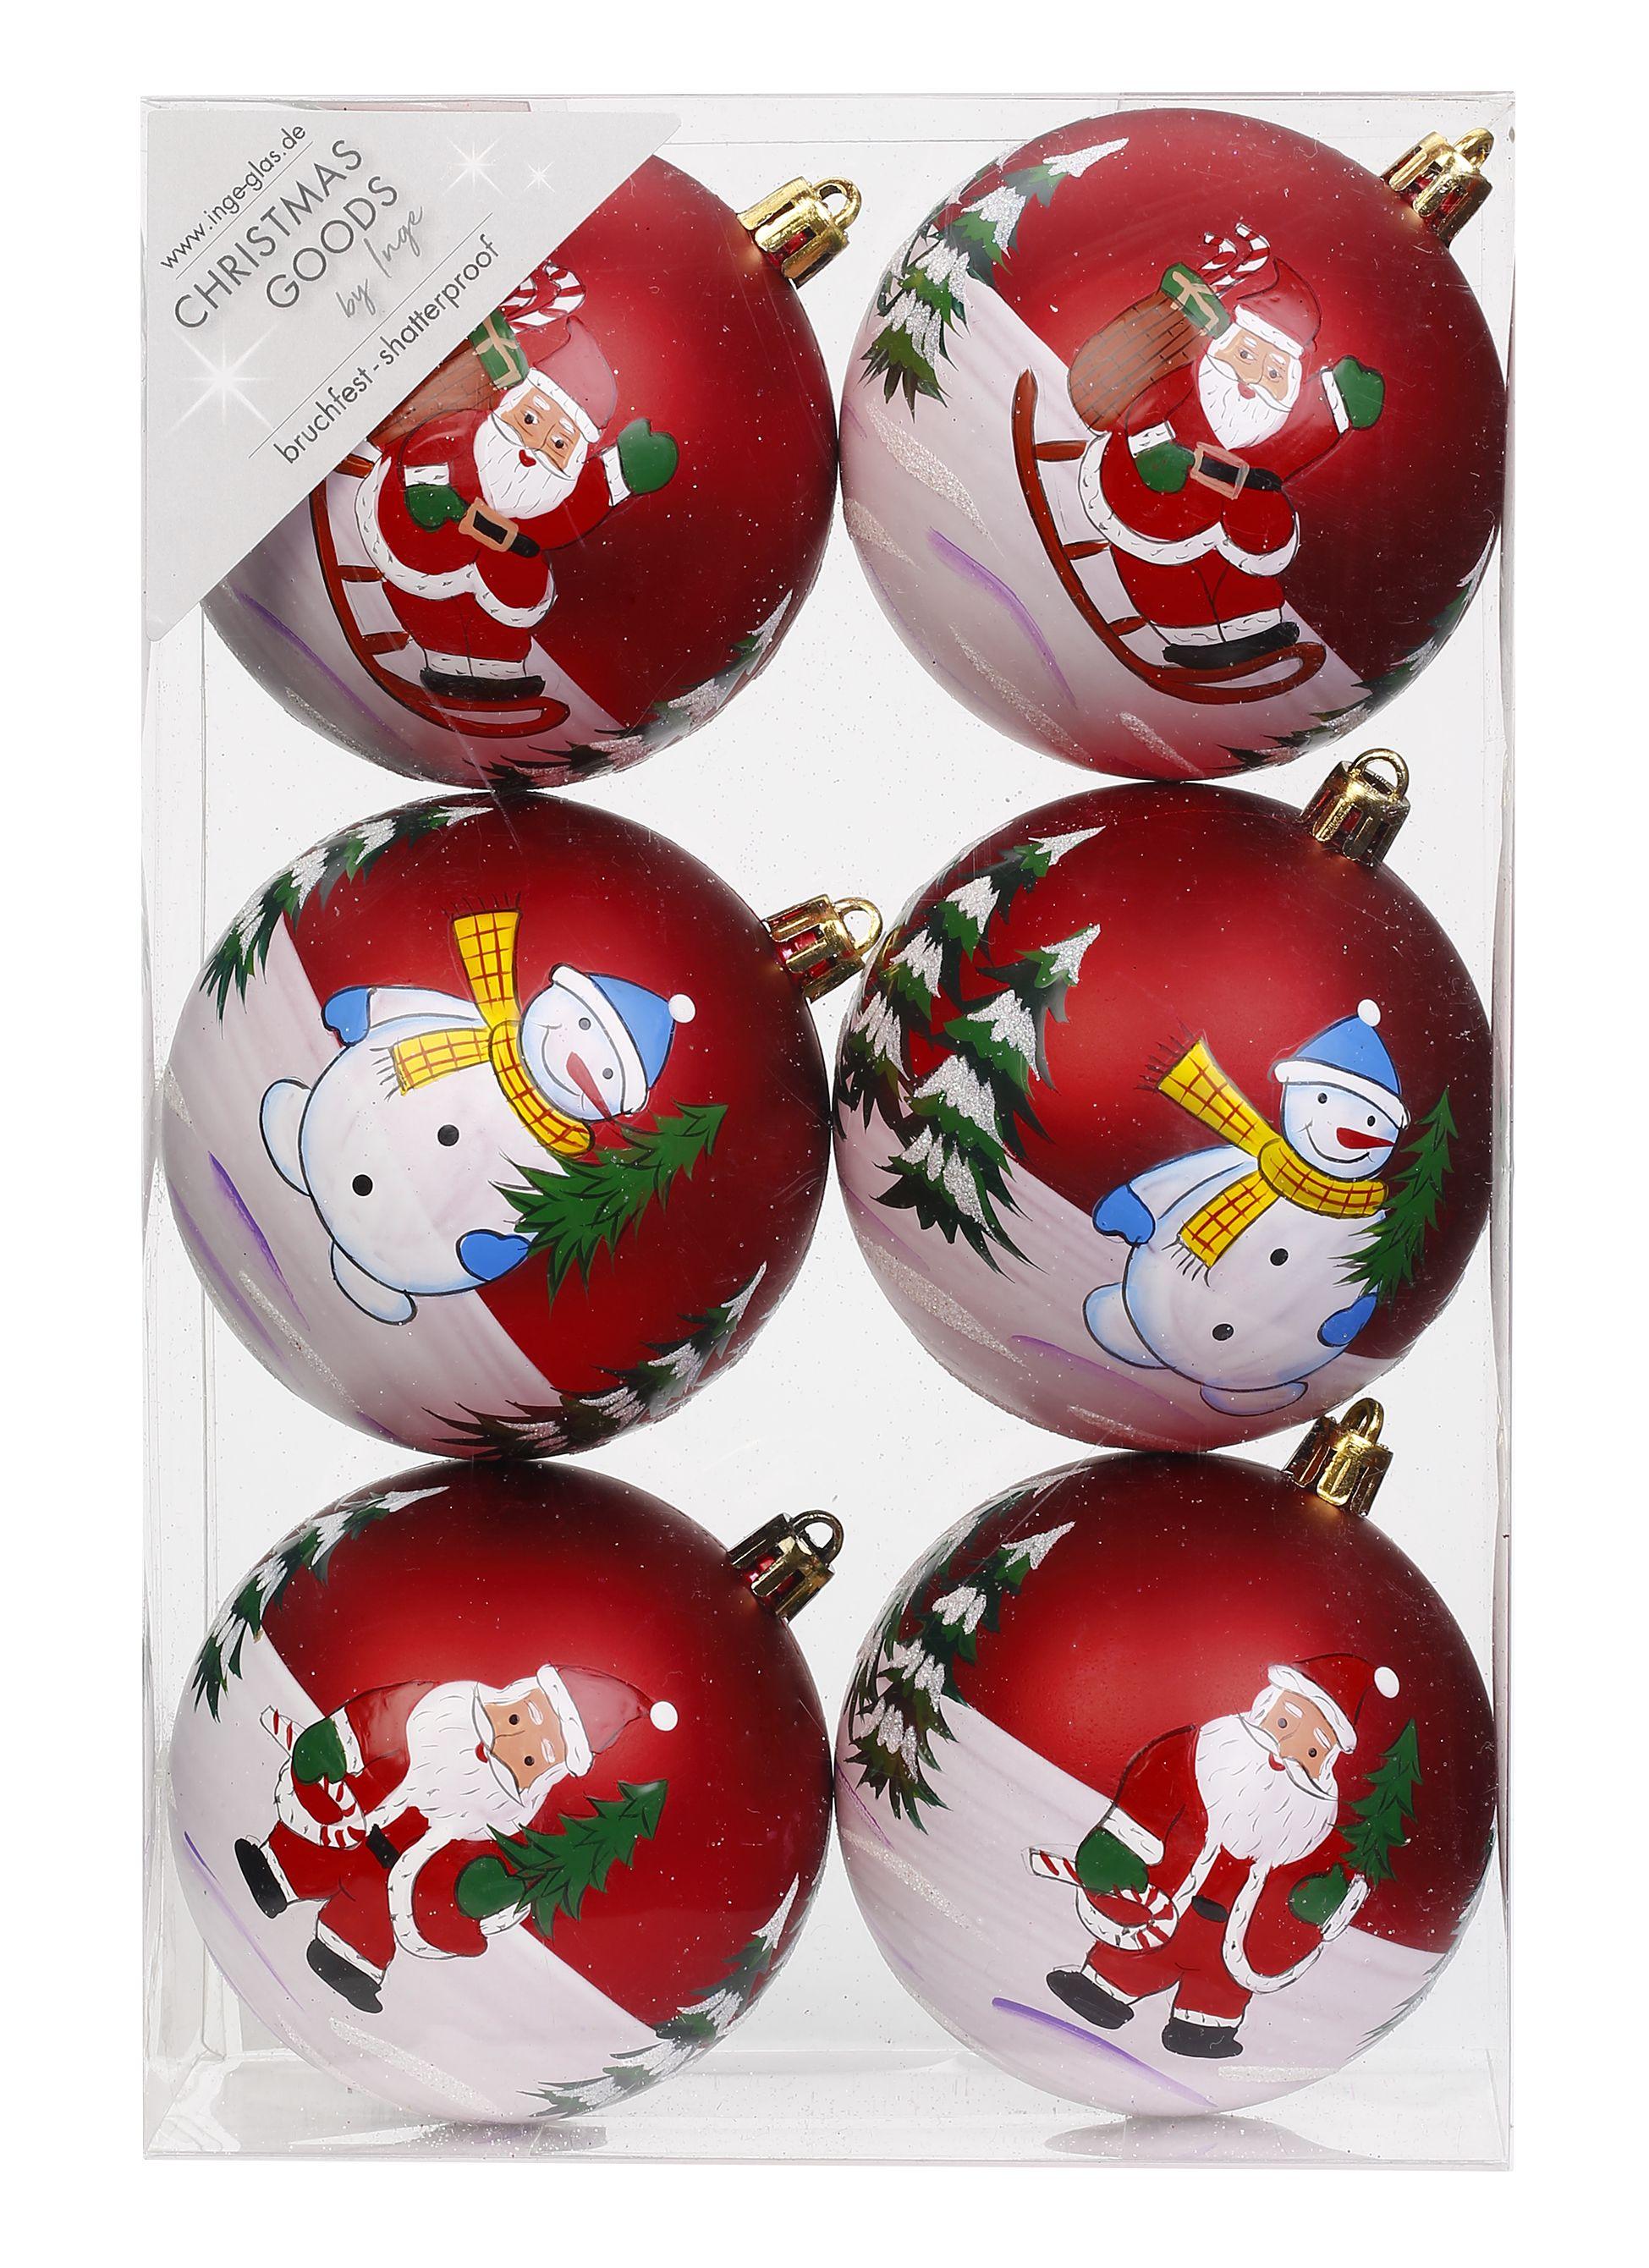 Dekorierte Weihnachtskugeln Kunststoff 6cm Oder 8cm Motiven Schneemann